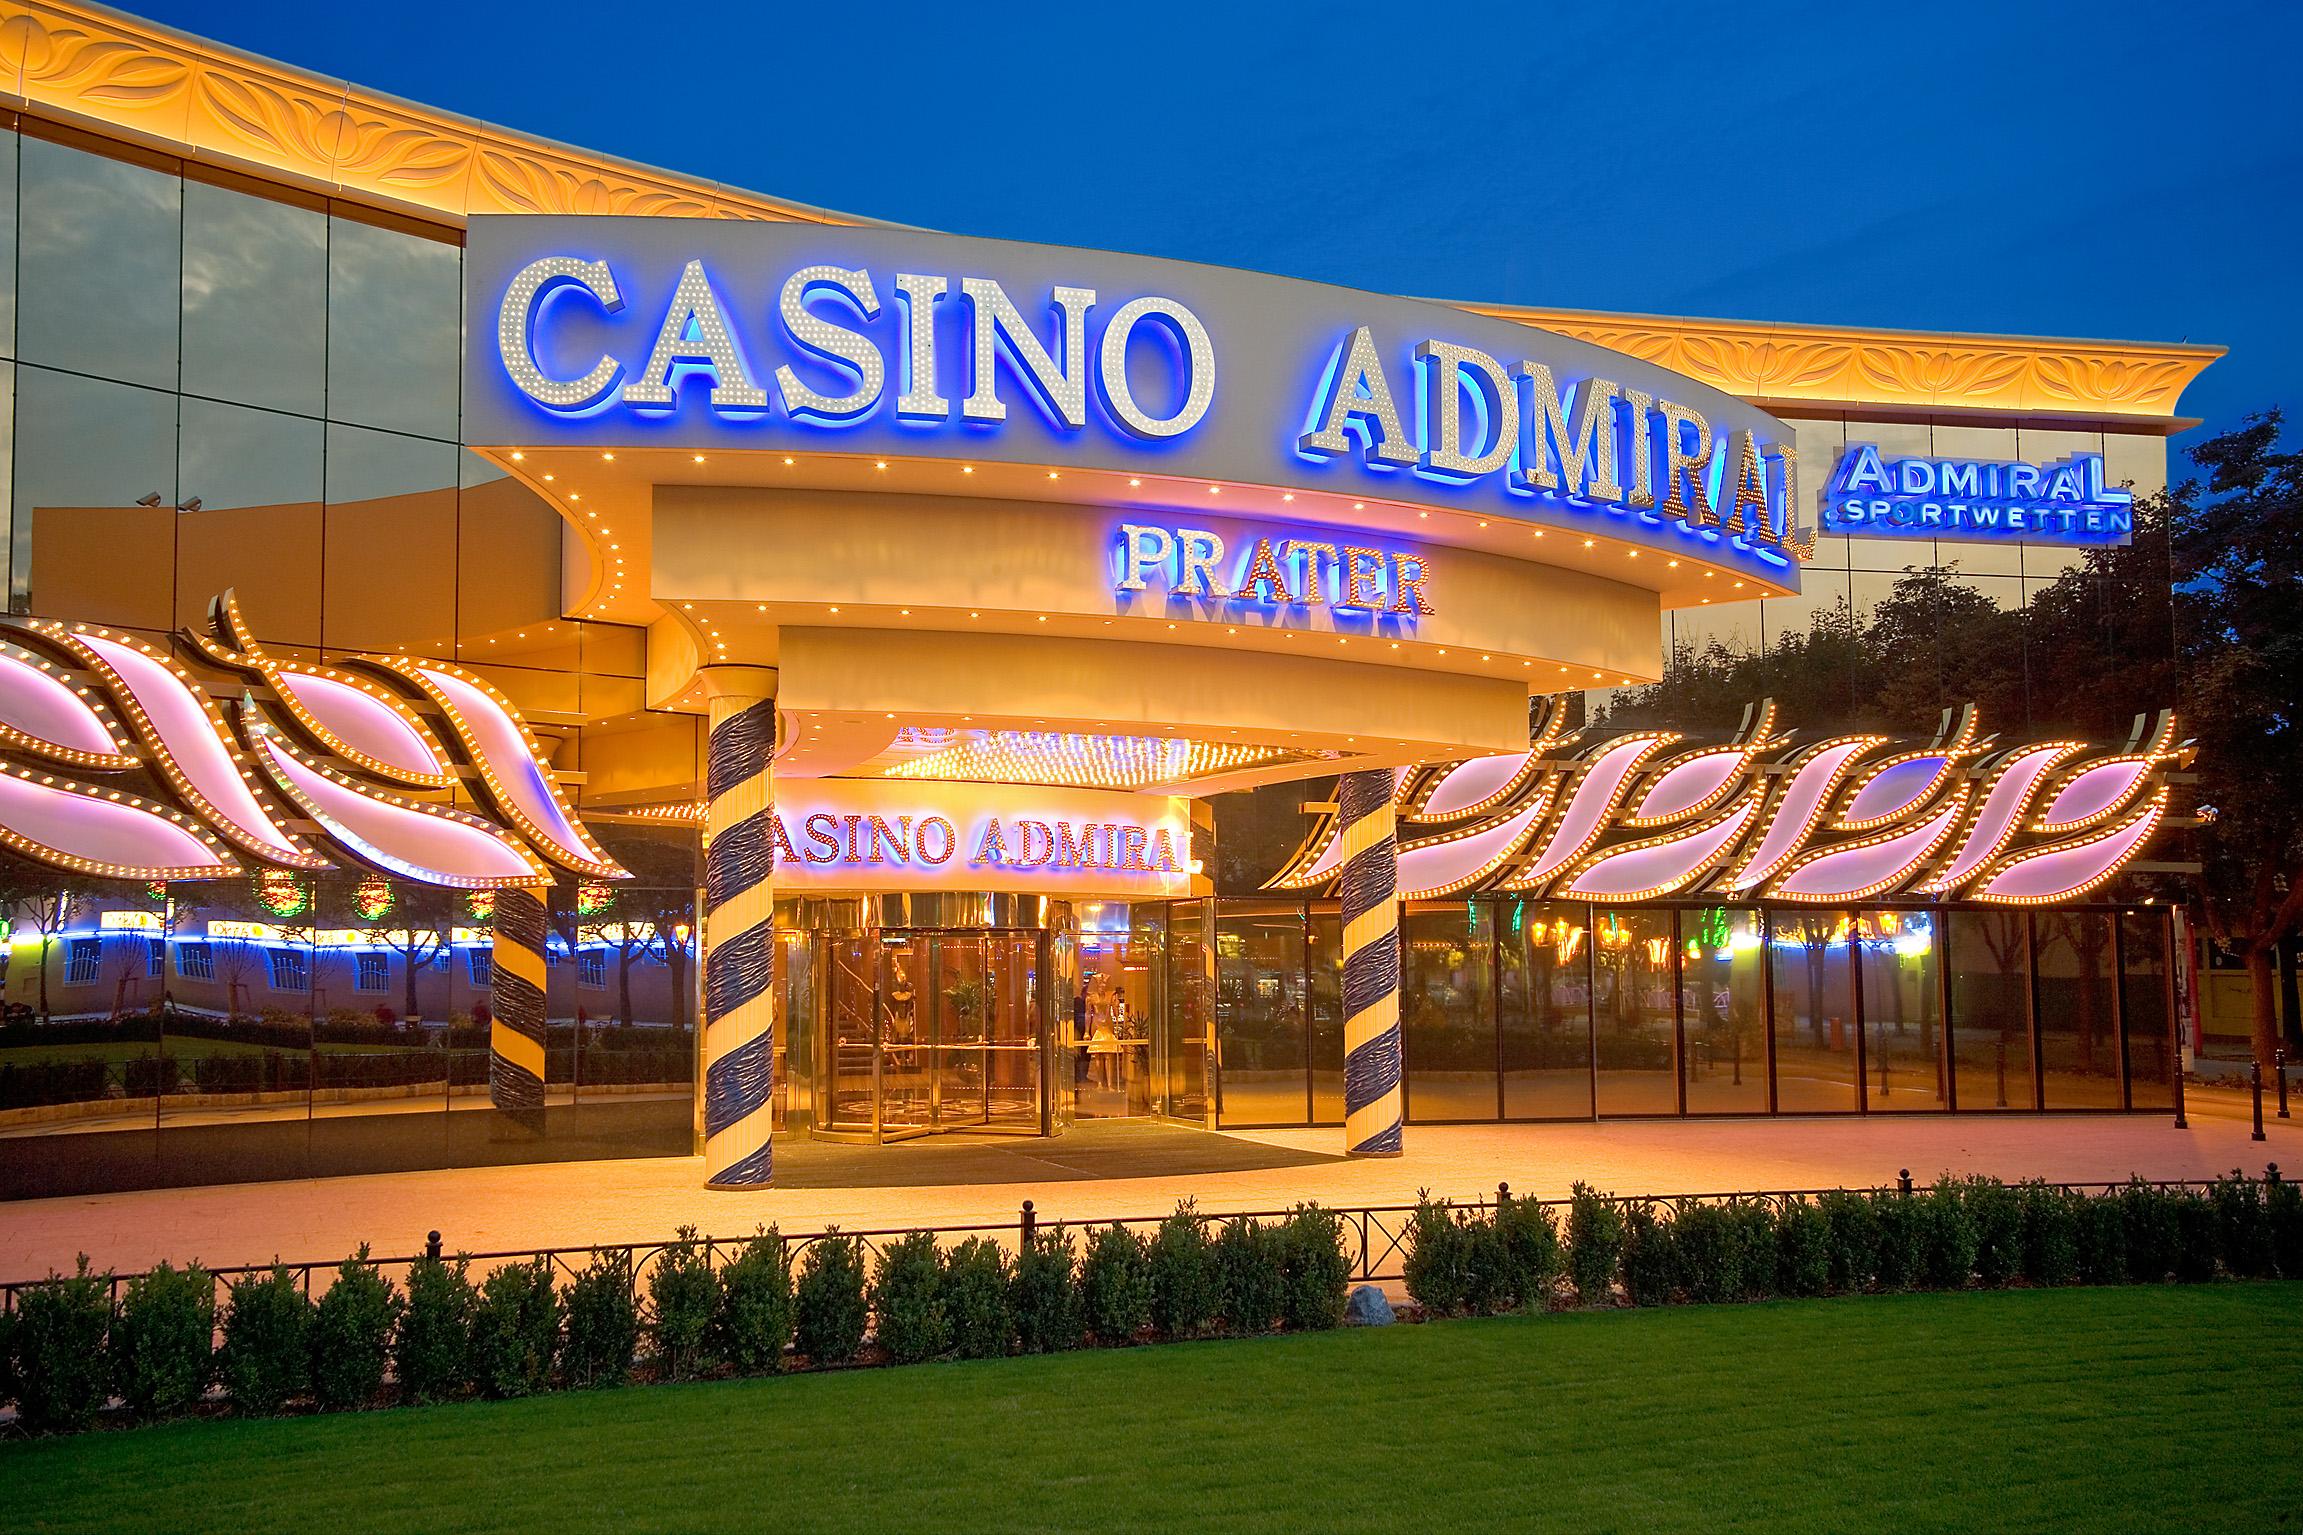 Novomatic casino prater resorts casino hotel boardwalk atlantic city nj